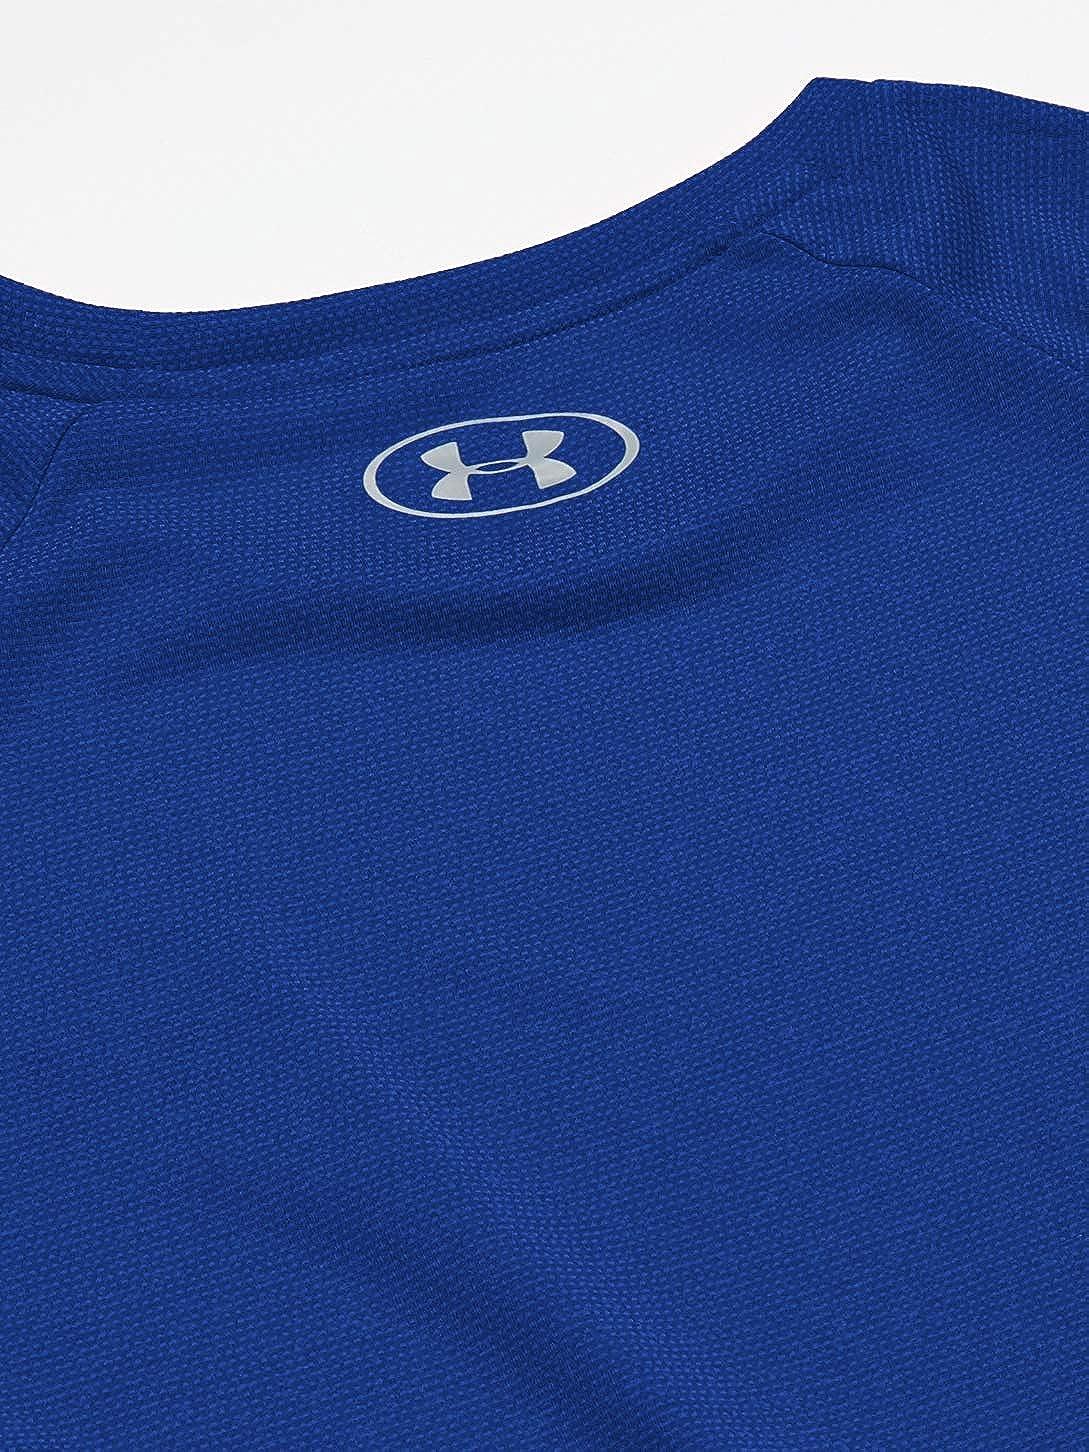 Under Armour Mens Tech 2.0 Novelty Short-Sleeve T-Shirt